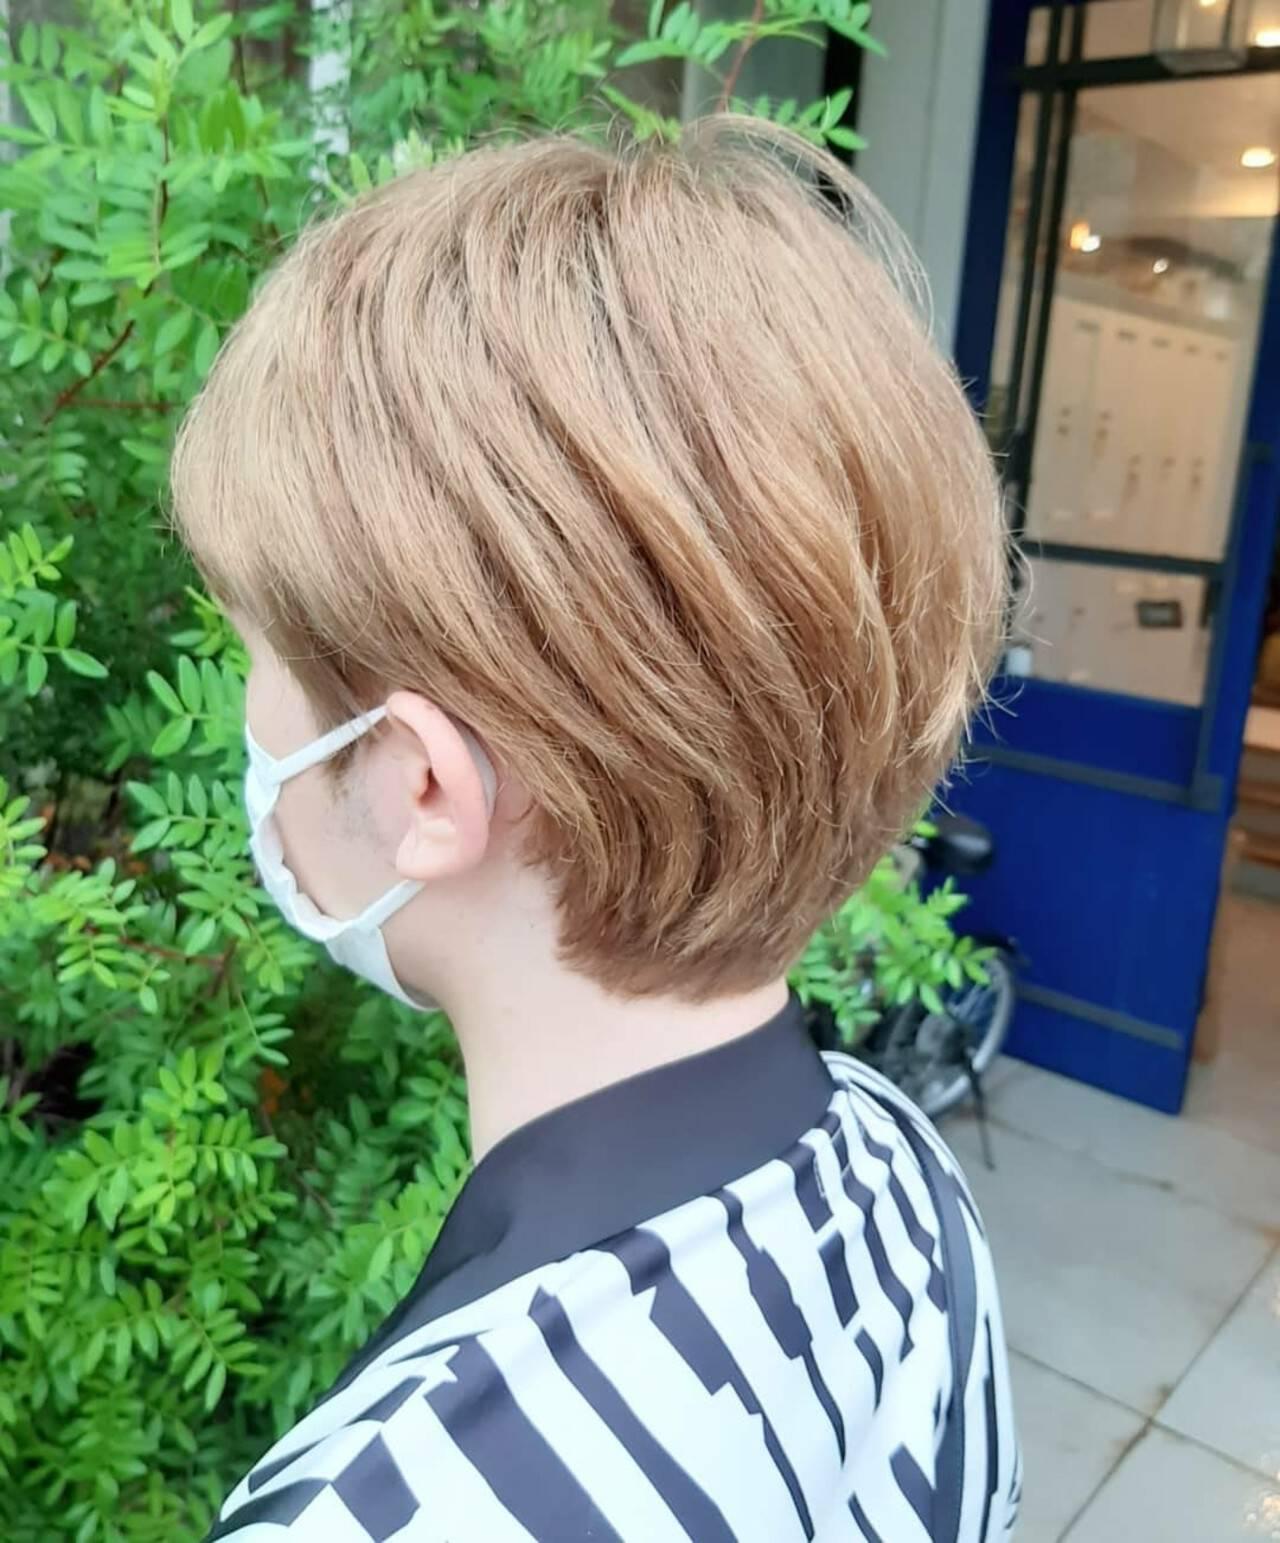 モード ウルフカット ショートボブ インナーカラーヘアスタイルや髪型の写真・画像